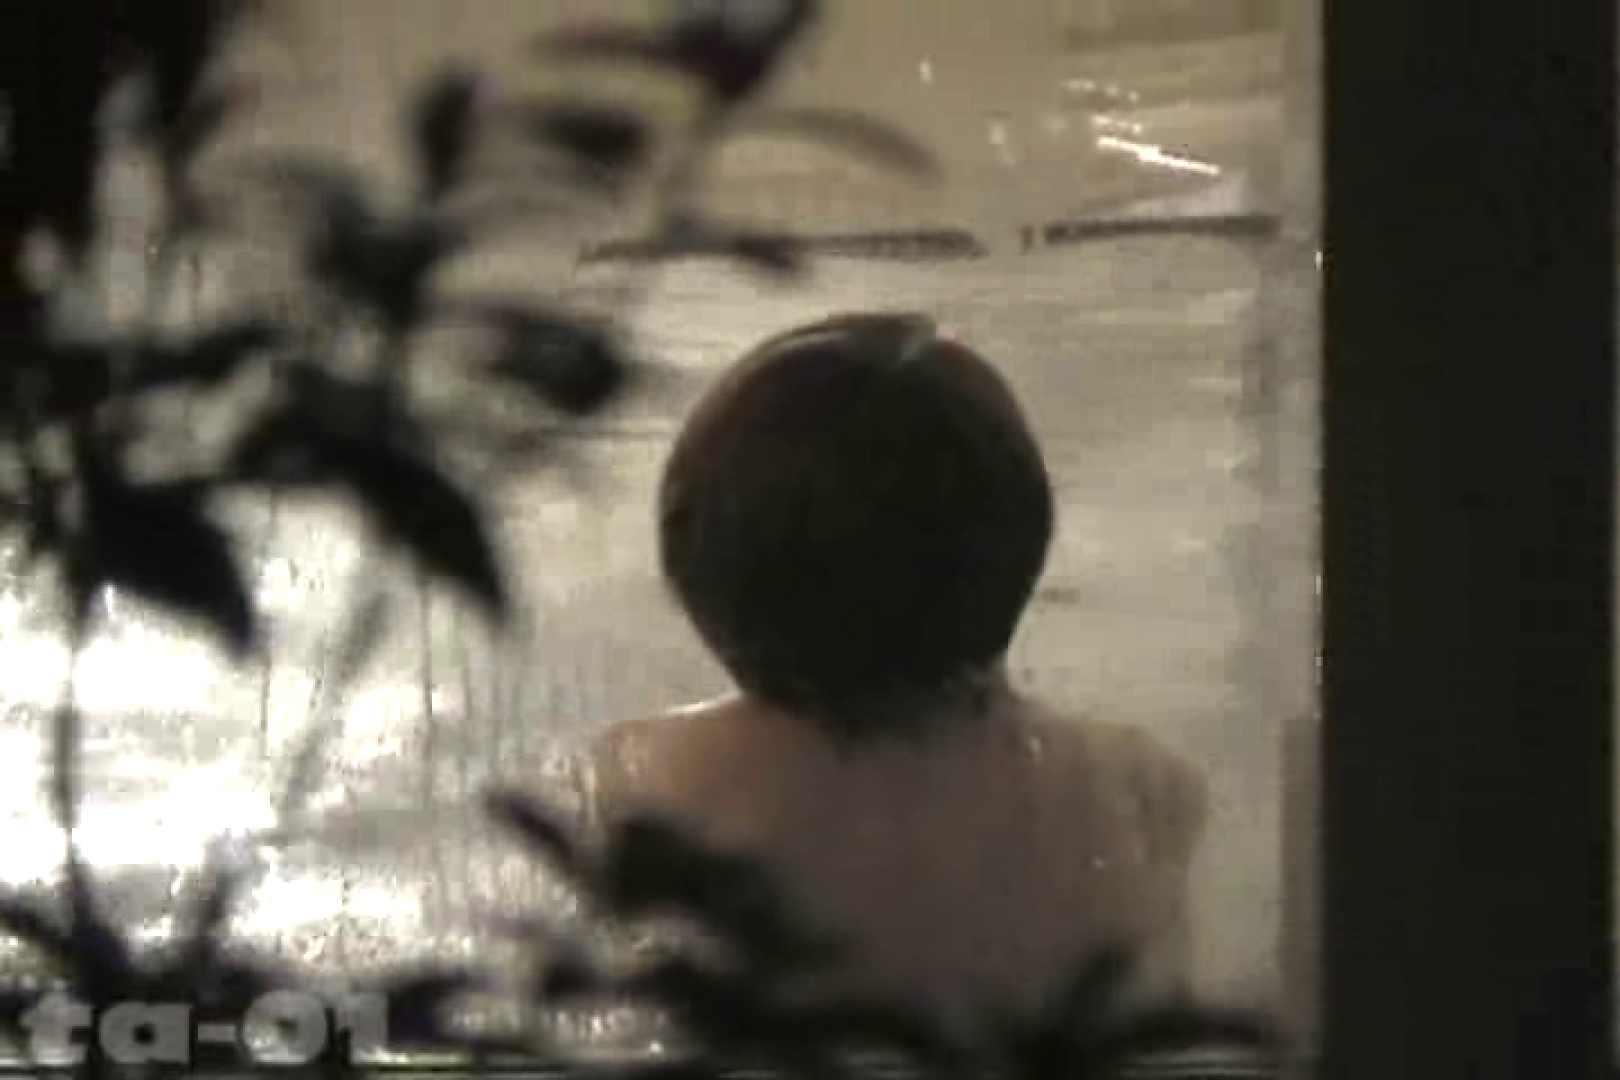 合宿ホテル女風呂盗撮高画質版 Vol.01 ホテル  53連発 24